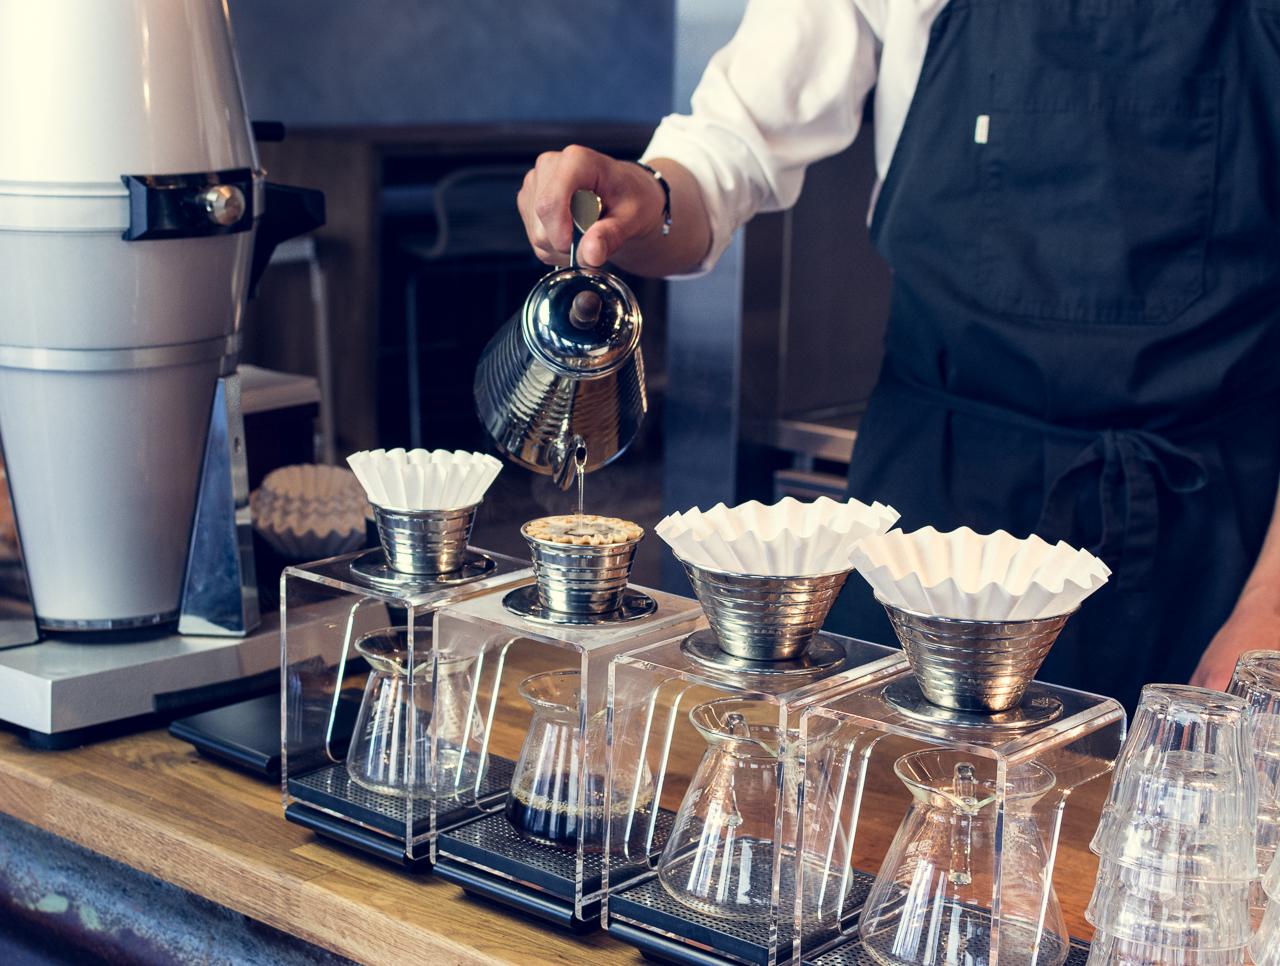 Vår håndbryggede kaffe tilberedes umiddelbart før servering. Det gir den beste smaksopplevelsen. Foto: Bjørn Joachimsen/Lundblad.